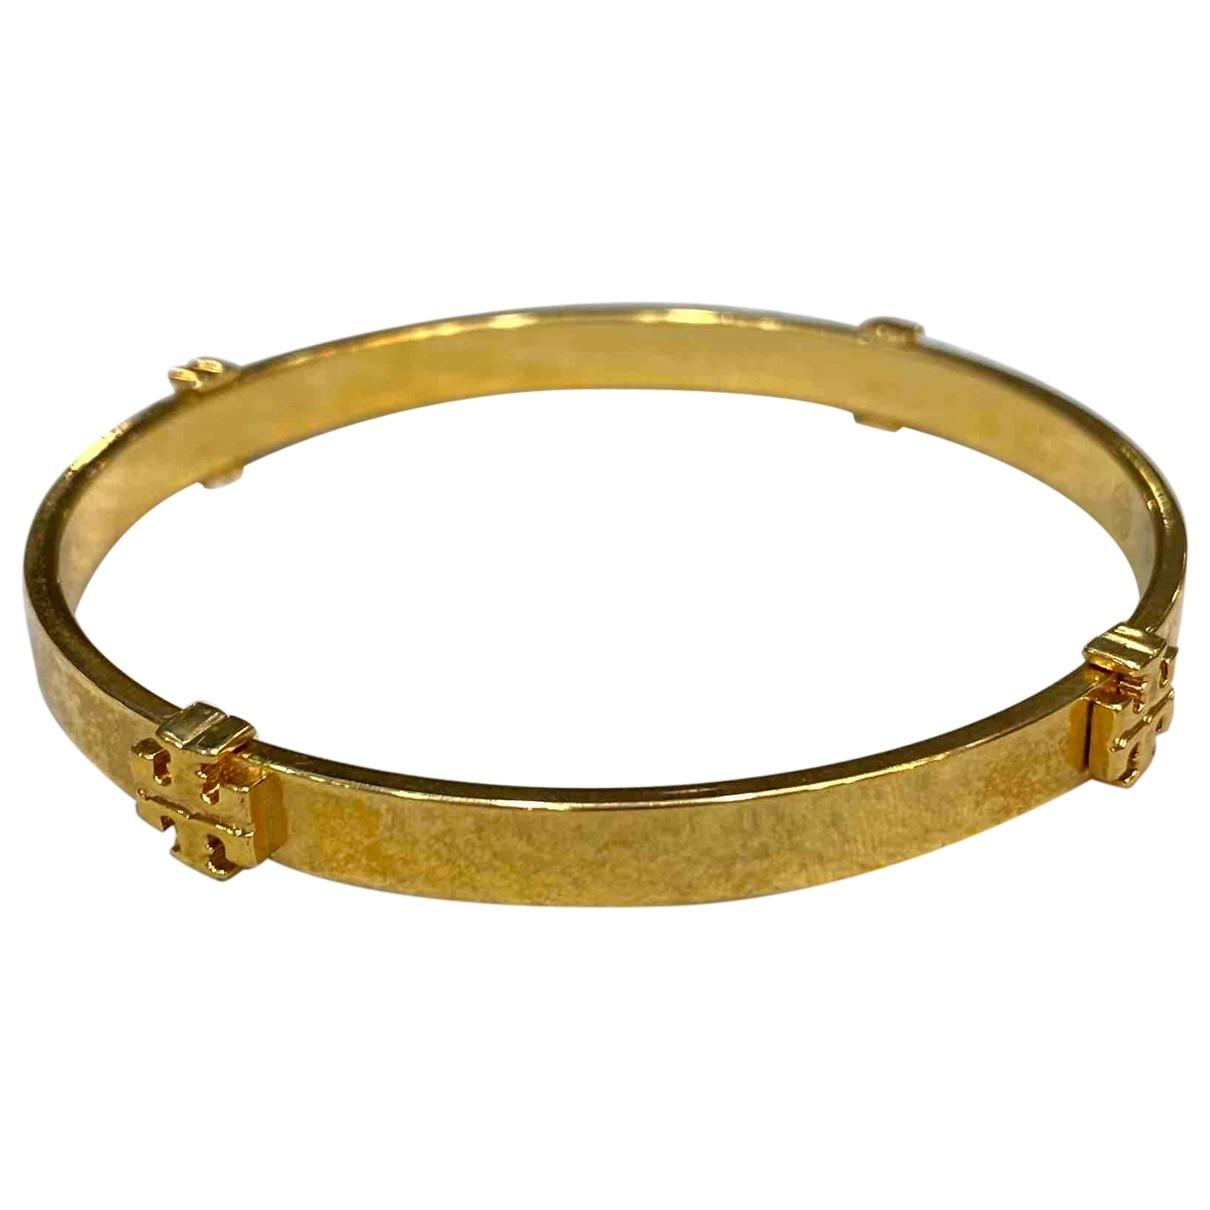 Tory Burch - Bracelet   pour femme en metal - dore